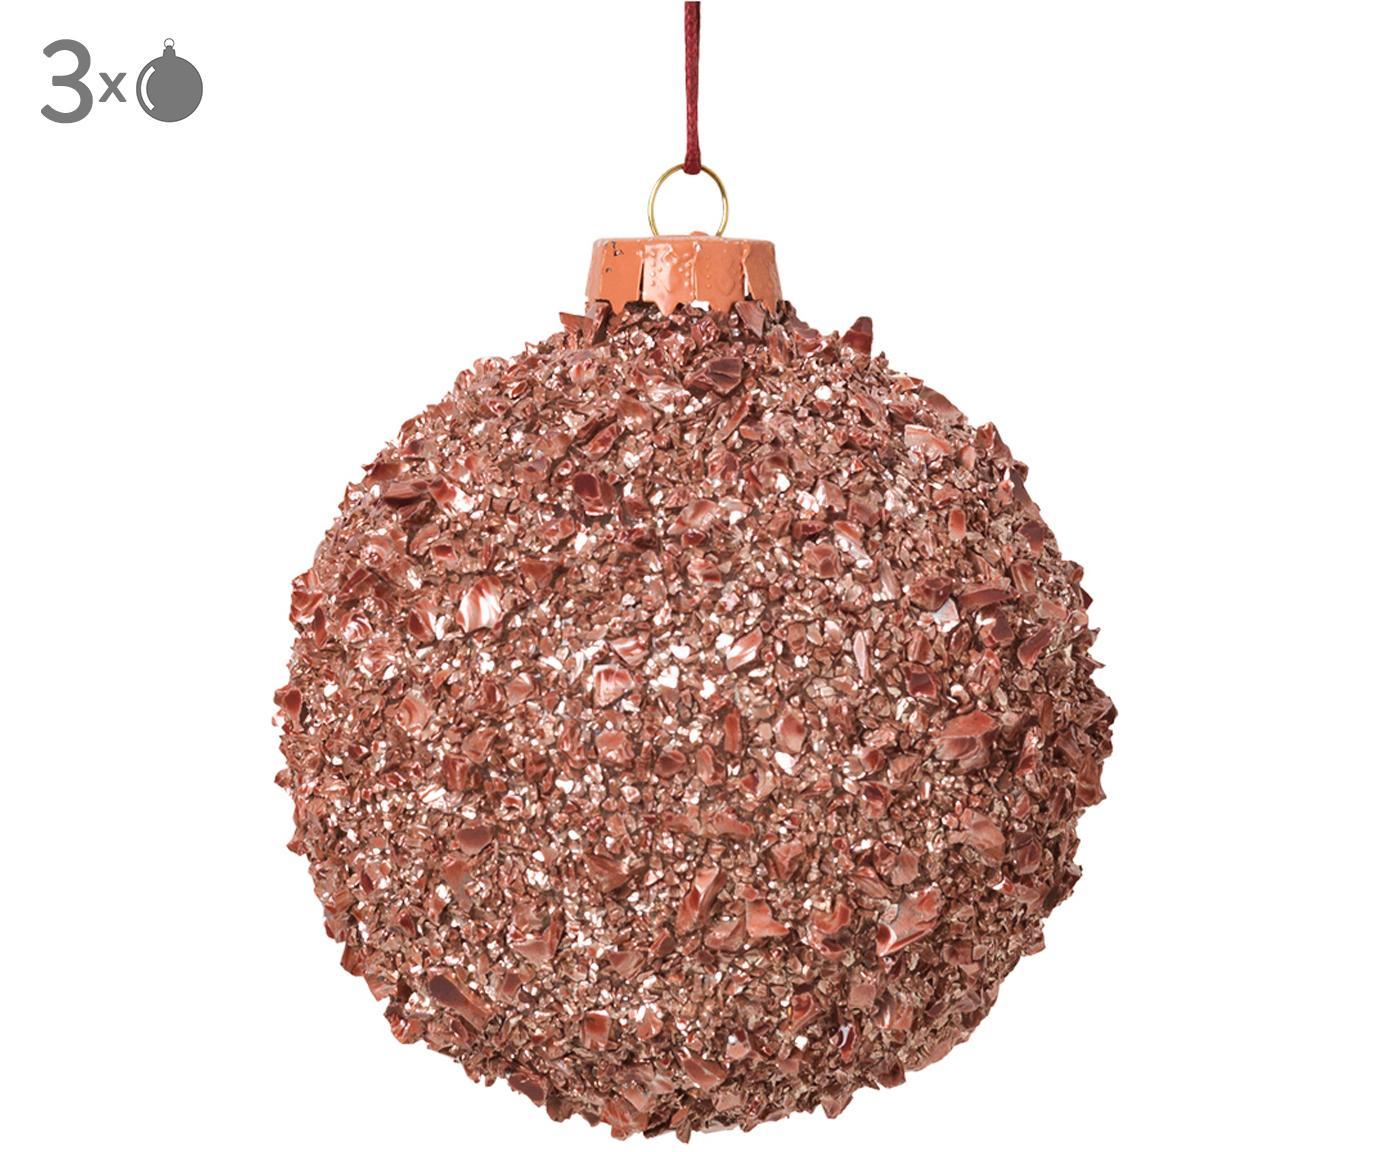 Kerstballen Cinna, 3 stuks, Glas, metaal, Roze, Ø 8 cm